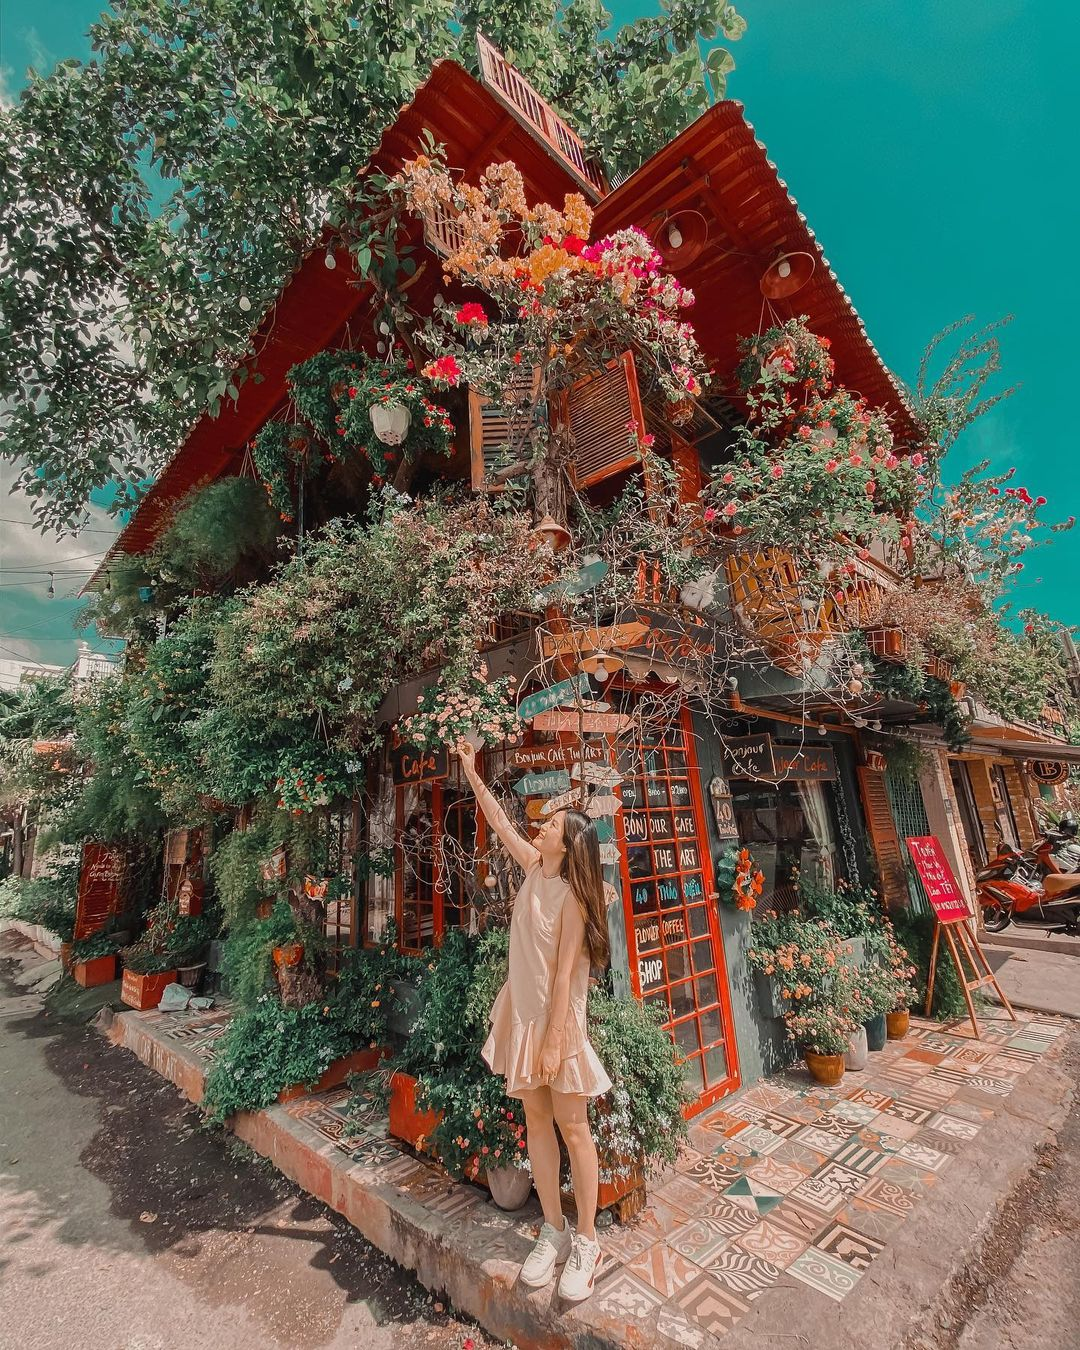 bonjour cafe the art tren con pho nho